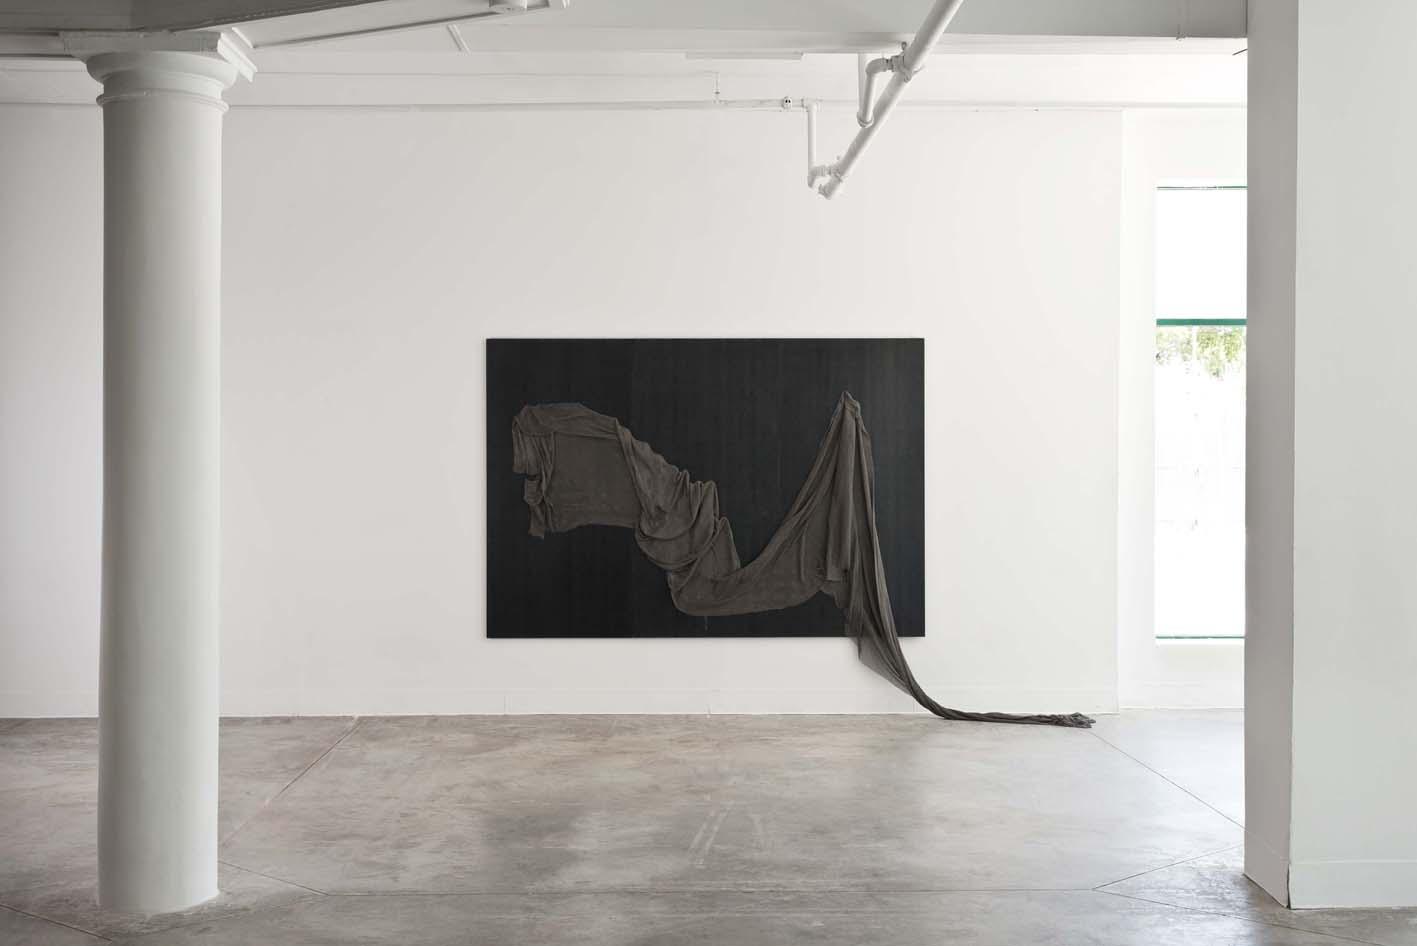 Papel de Parede Magnético. Magnetic Wallpaper, Luis Pons